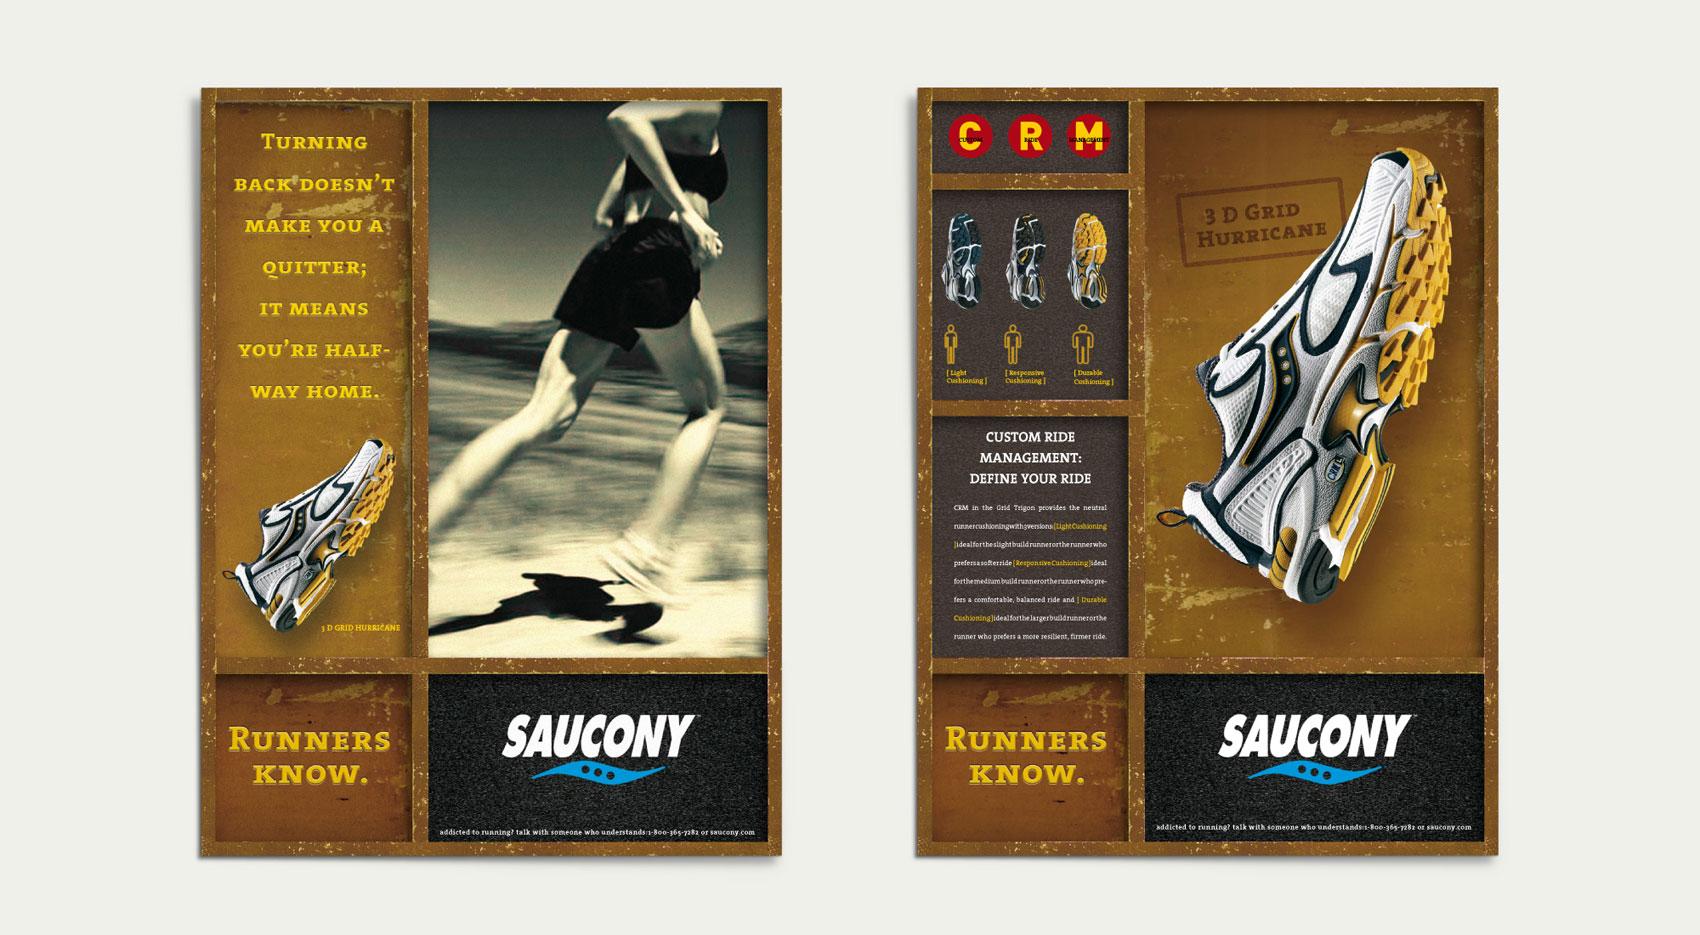 saucony-runner-1